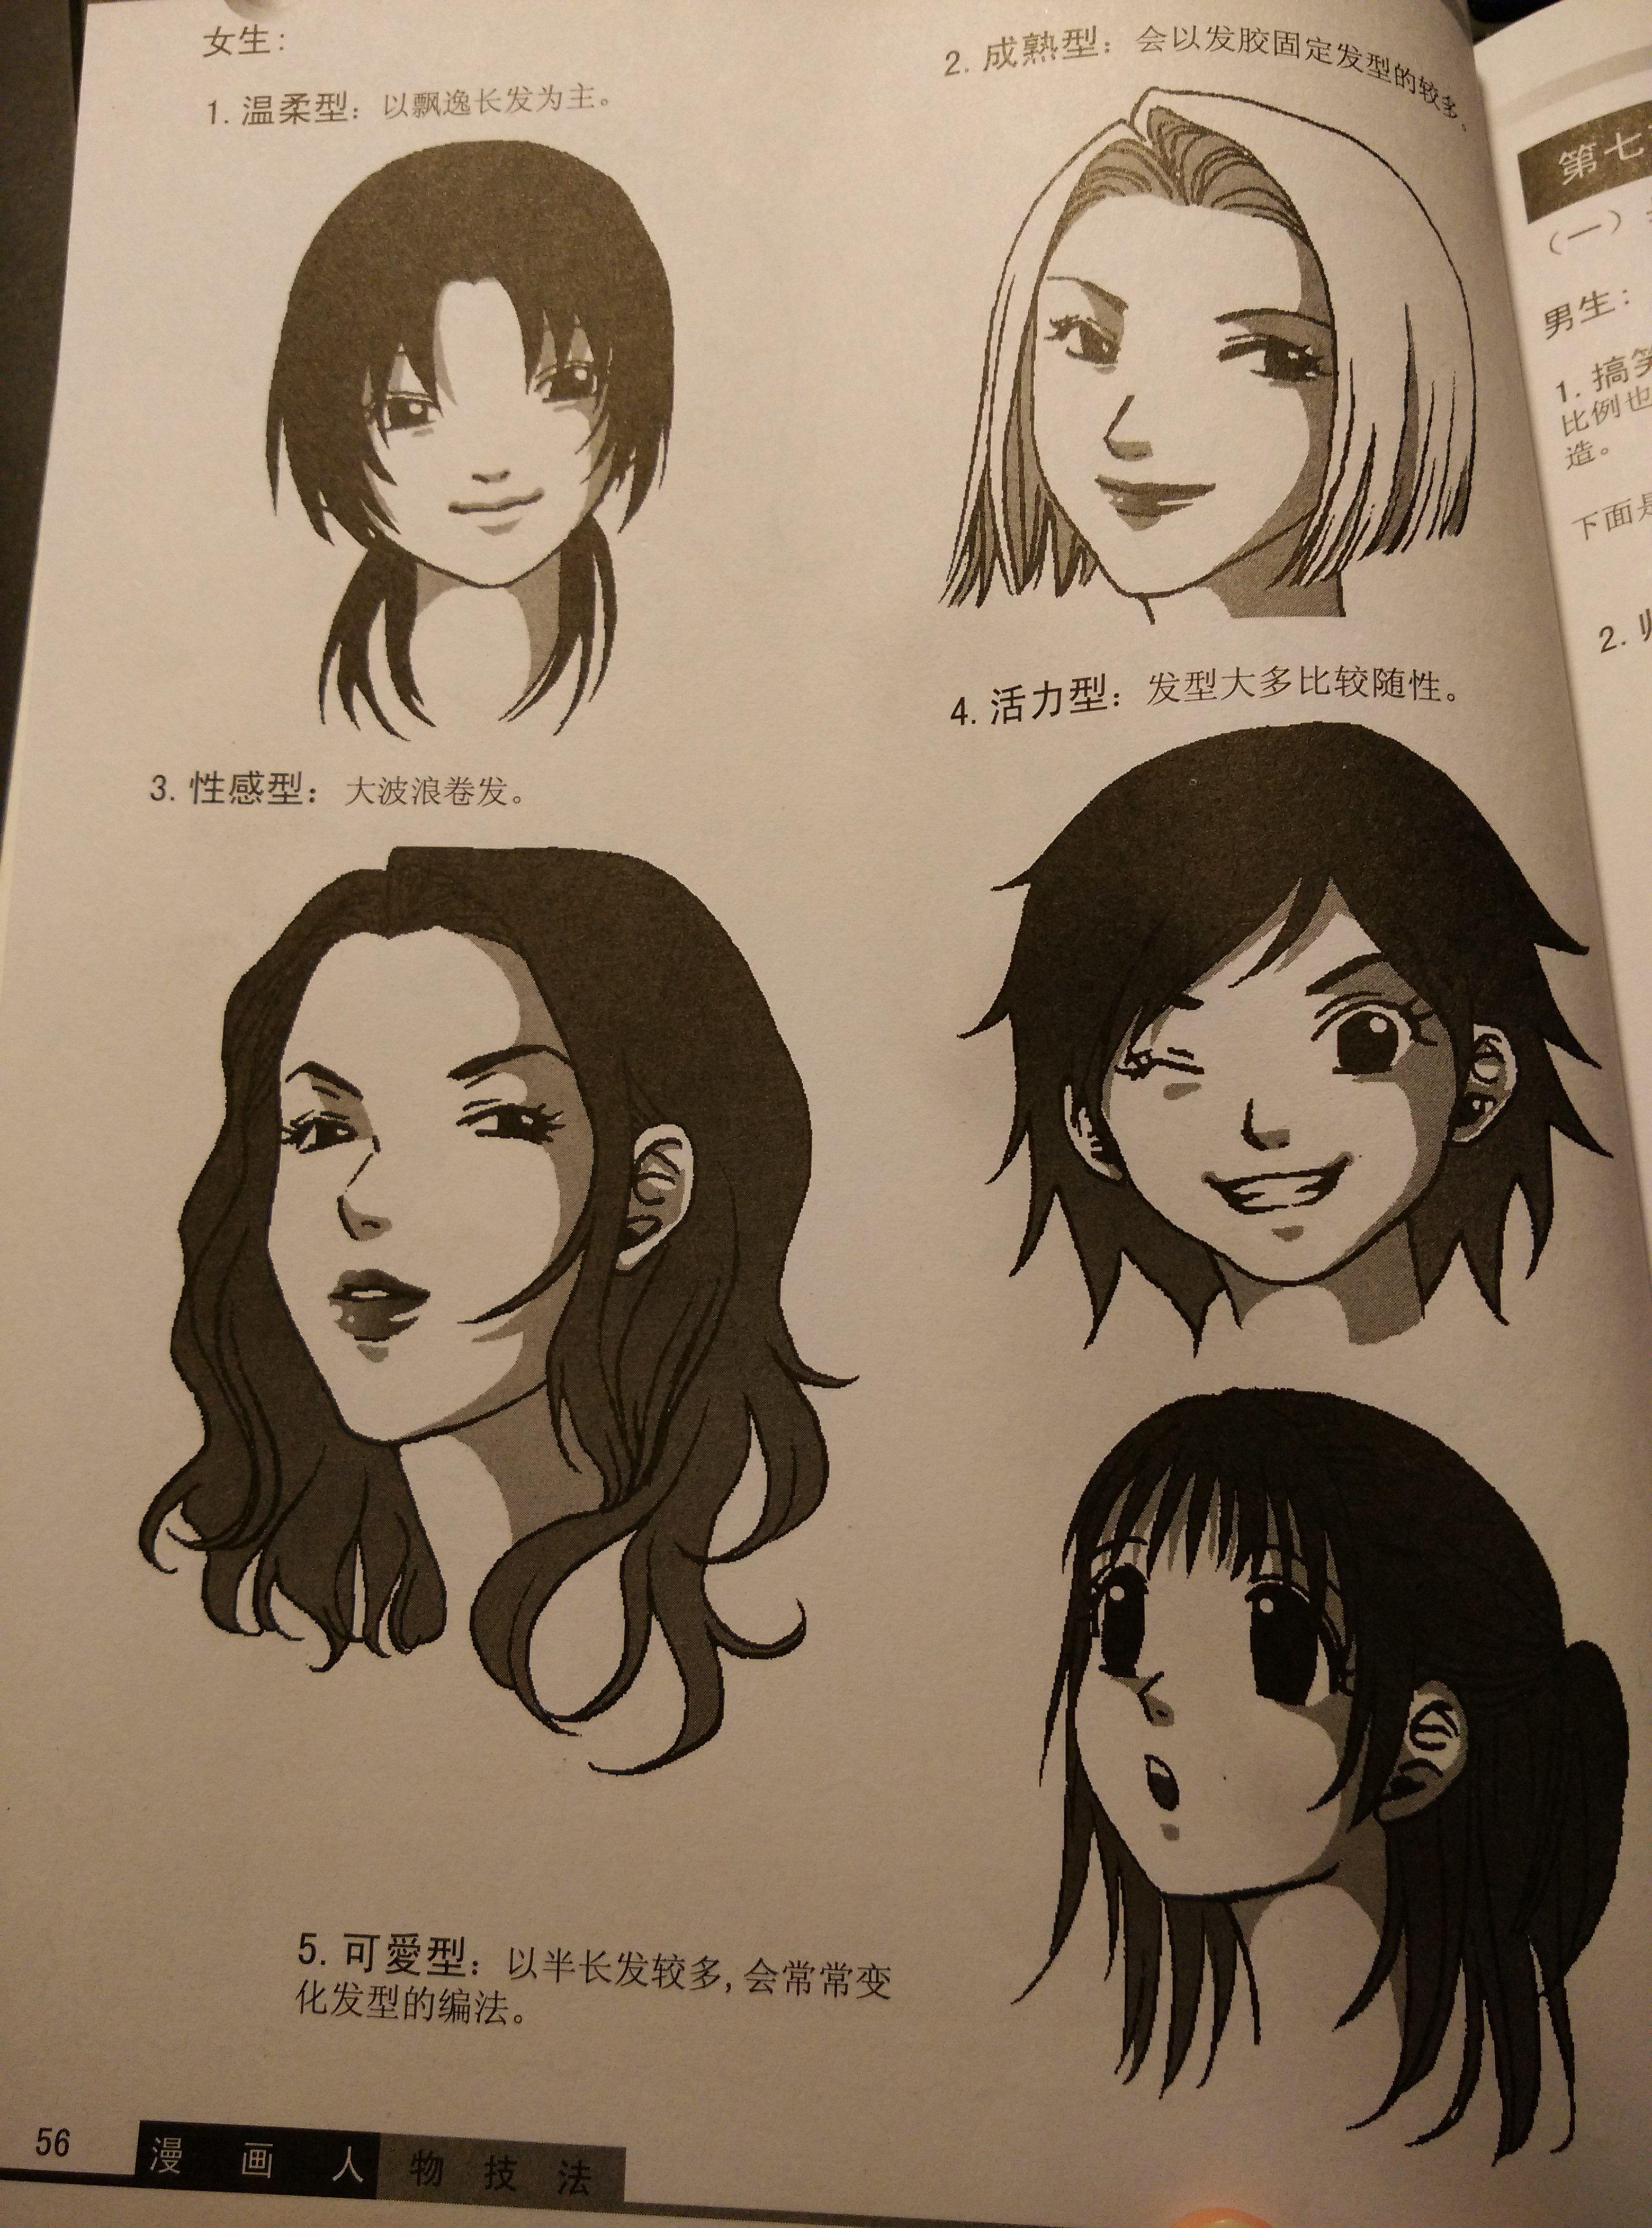 怎样画动漫人物的头发,最好分步骤,配图